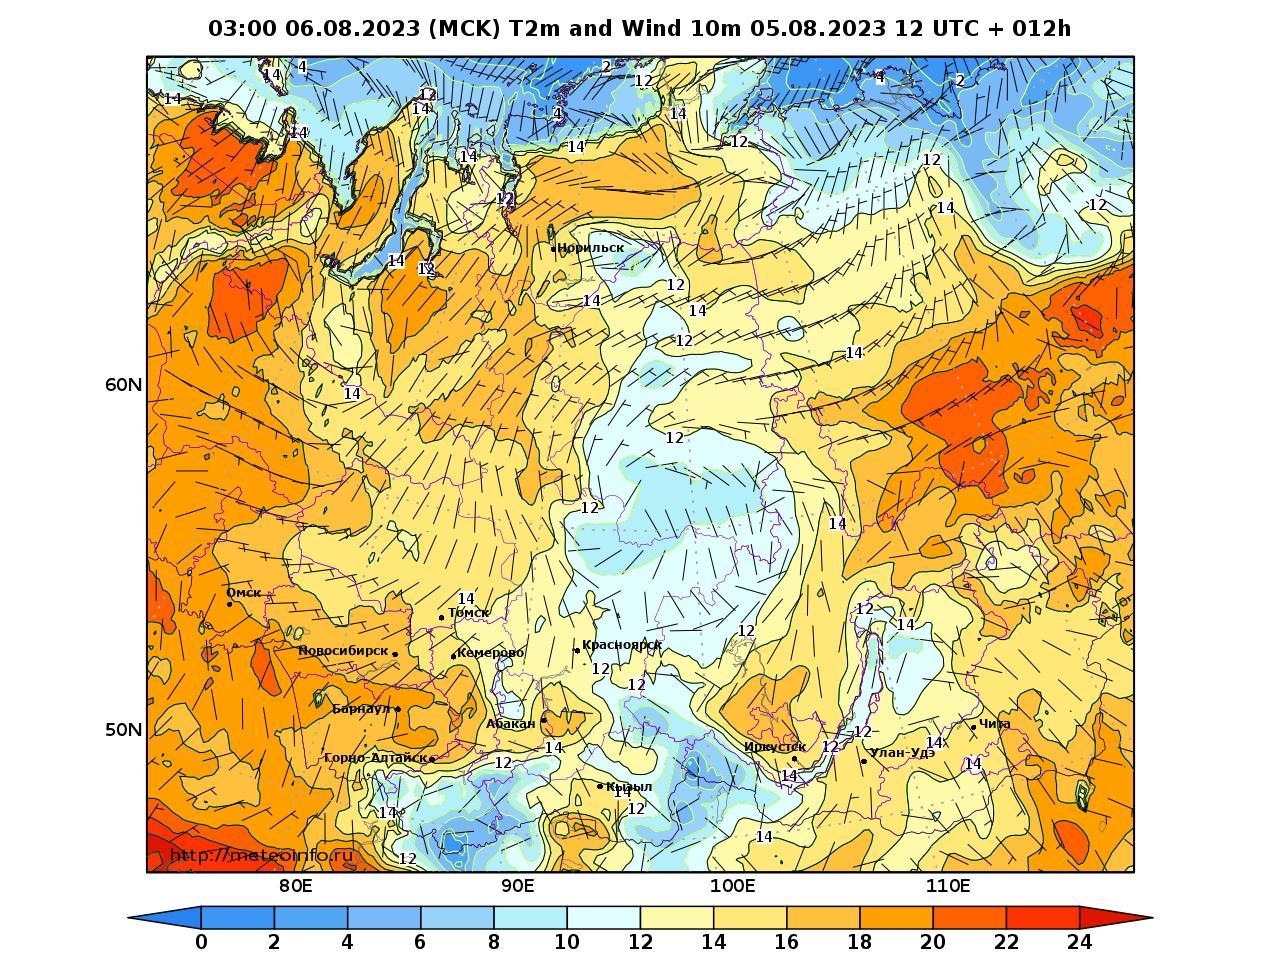 Сибирский Федеральный округ, прогностическая карта приземная температура, заблаговременность прогноза 12 часов